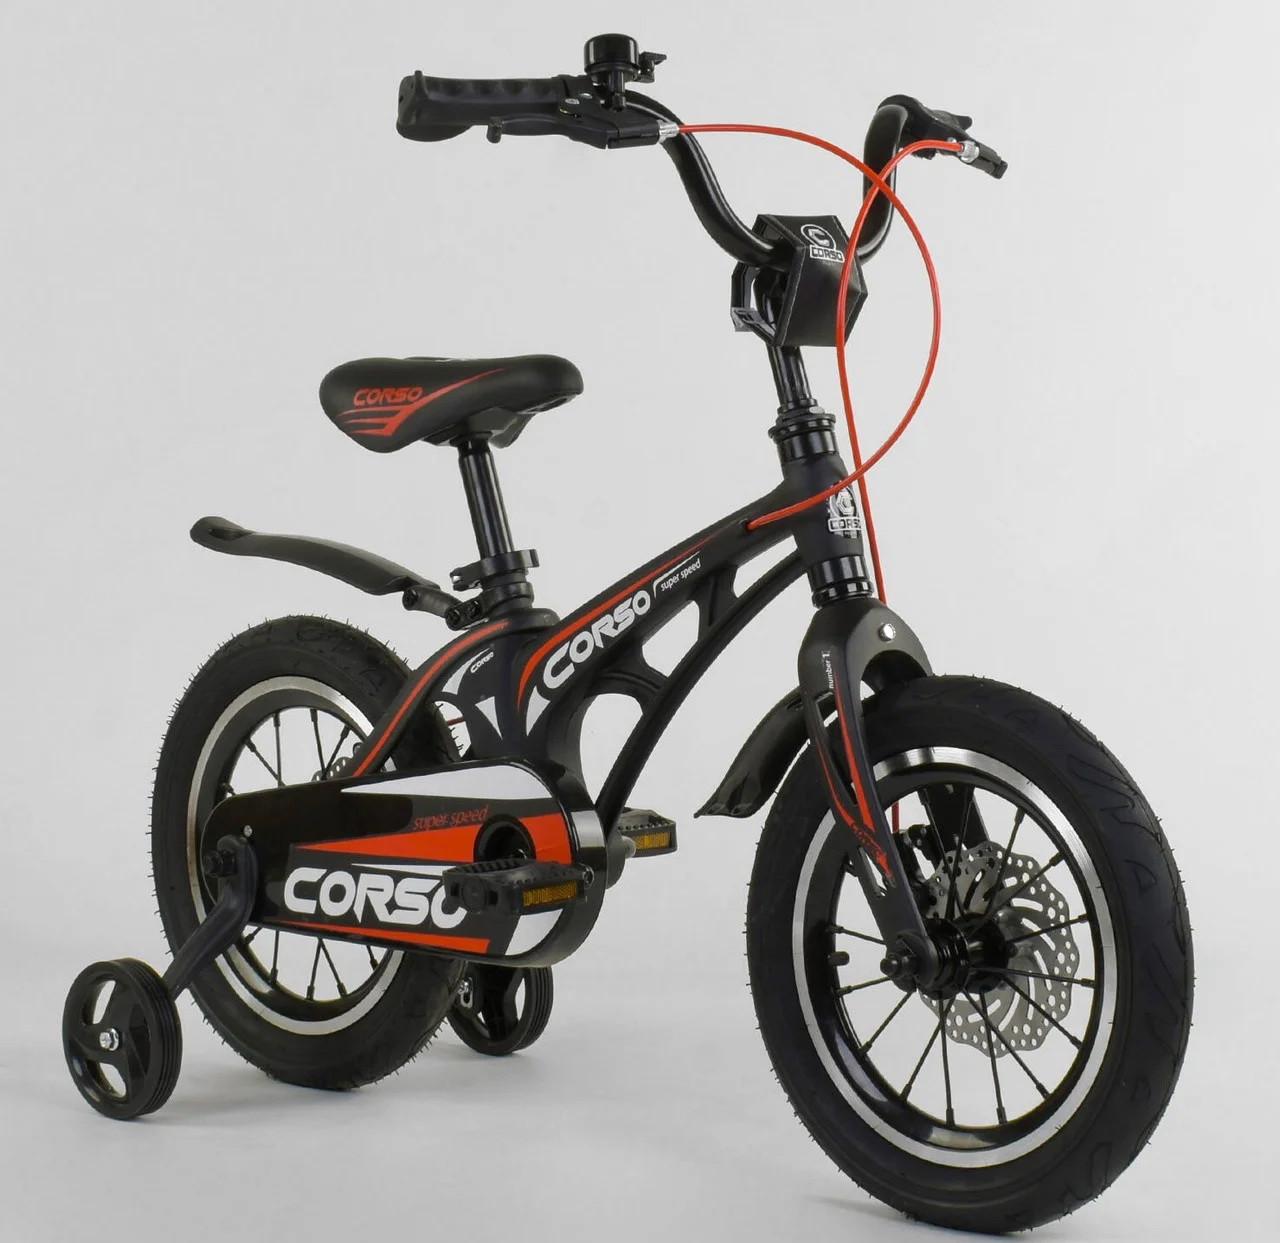 """Детский двухколёсный велосипед 14"""" с магниевой рамой и алюминиевыми двойными дисками Corso MG-14 S 325 черный"""